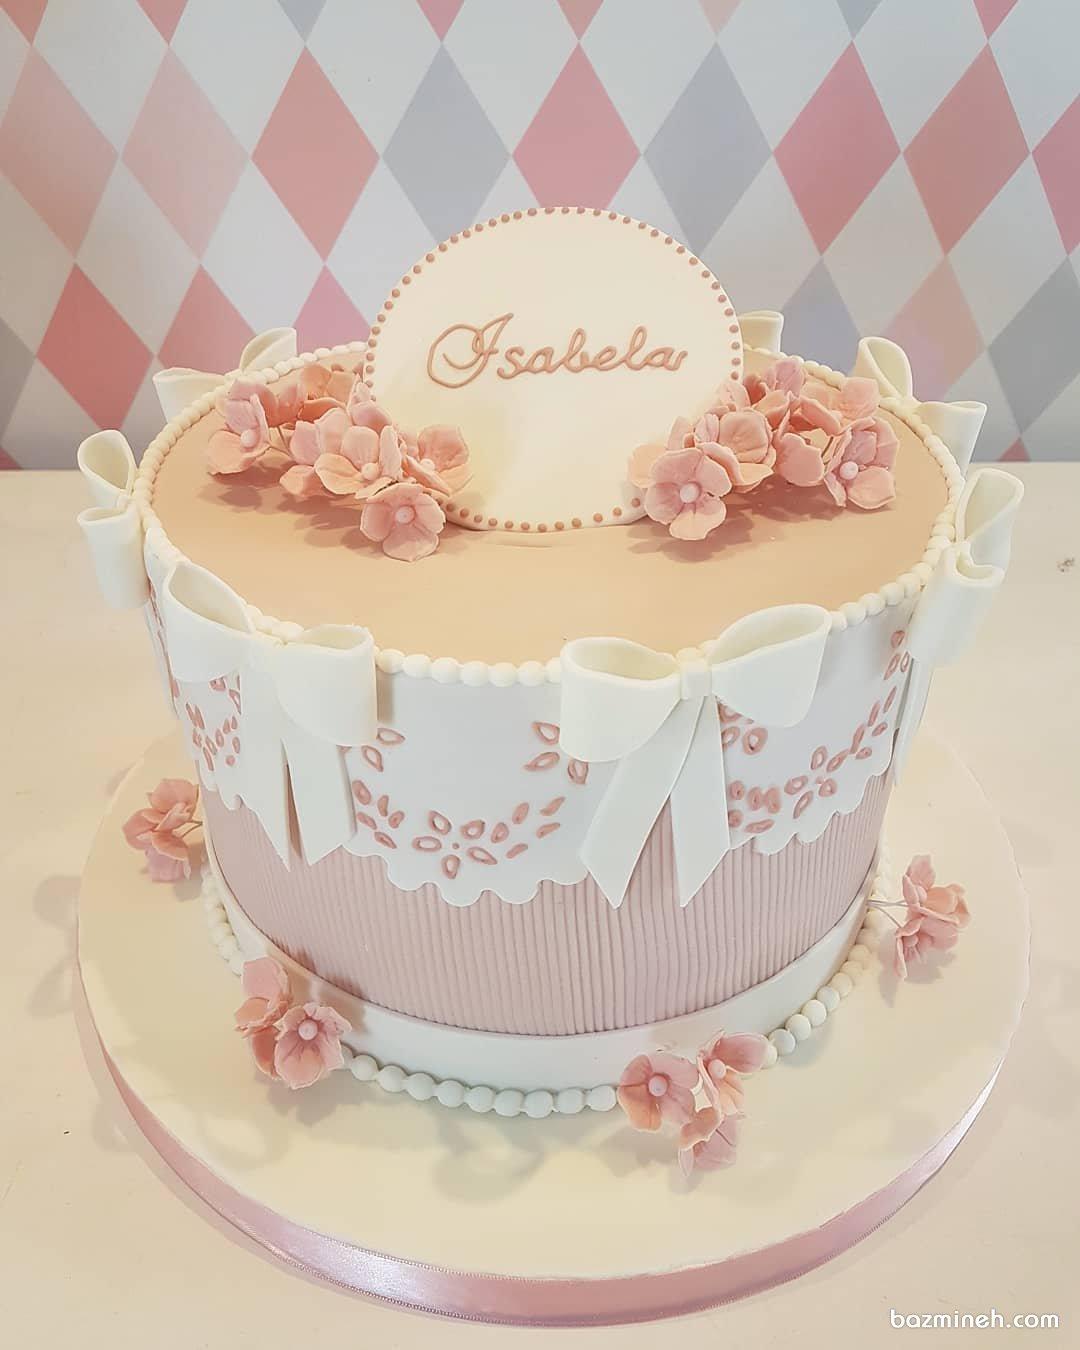 مدل کیک رمانتیک جشن تولد بزرگسال با تم سفید صورتی